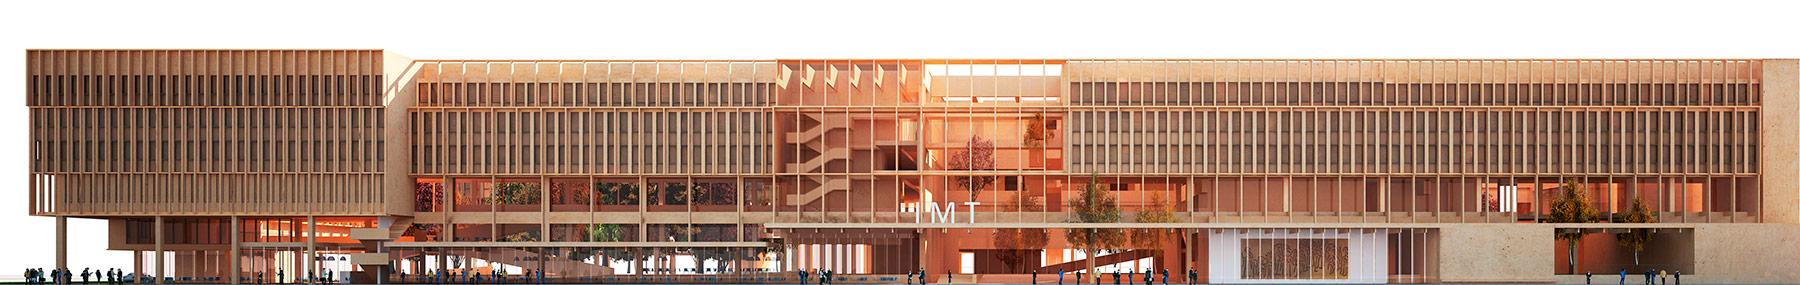 façade bâtiment Télécom ParisTech - Campus Paris-Saclay